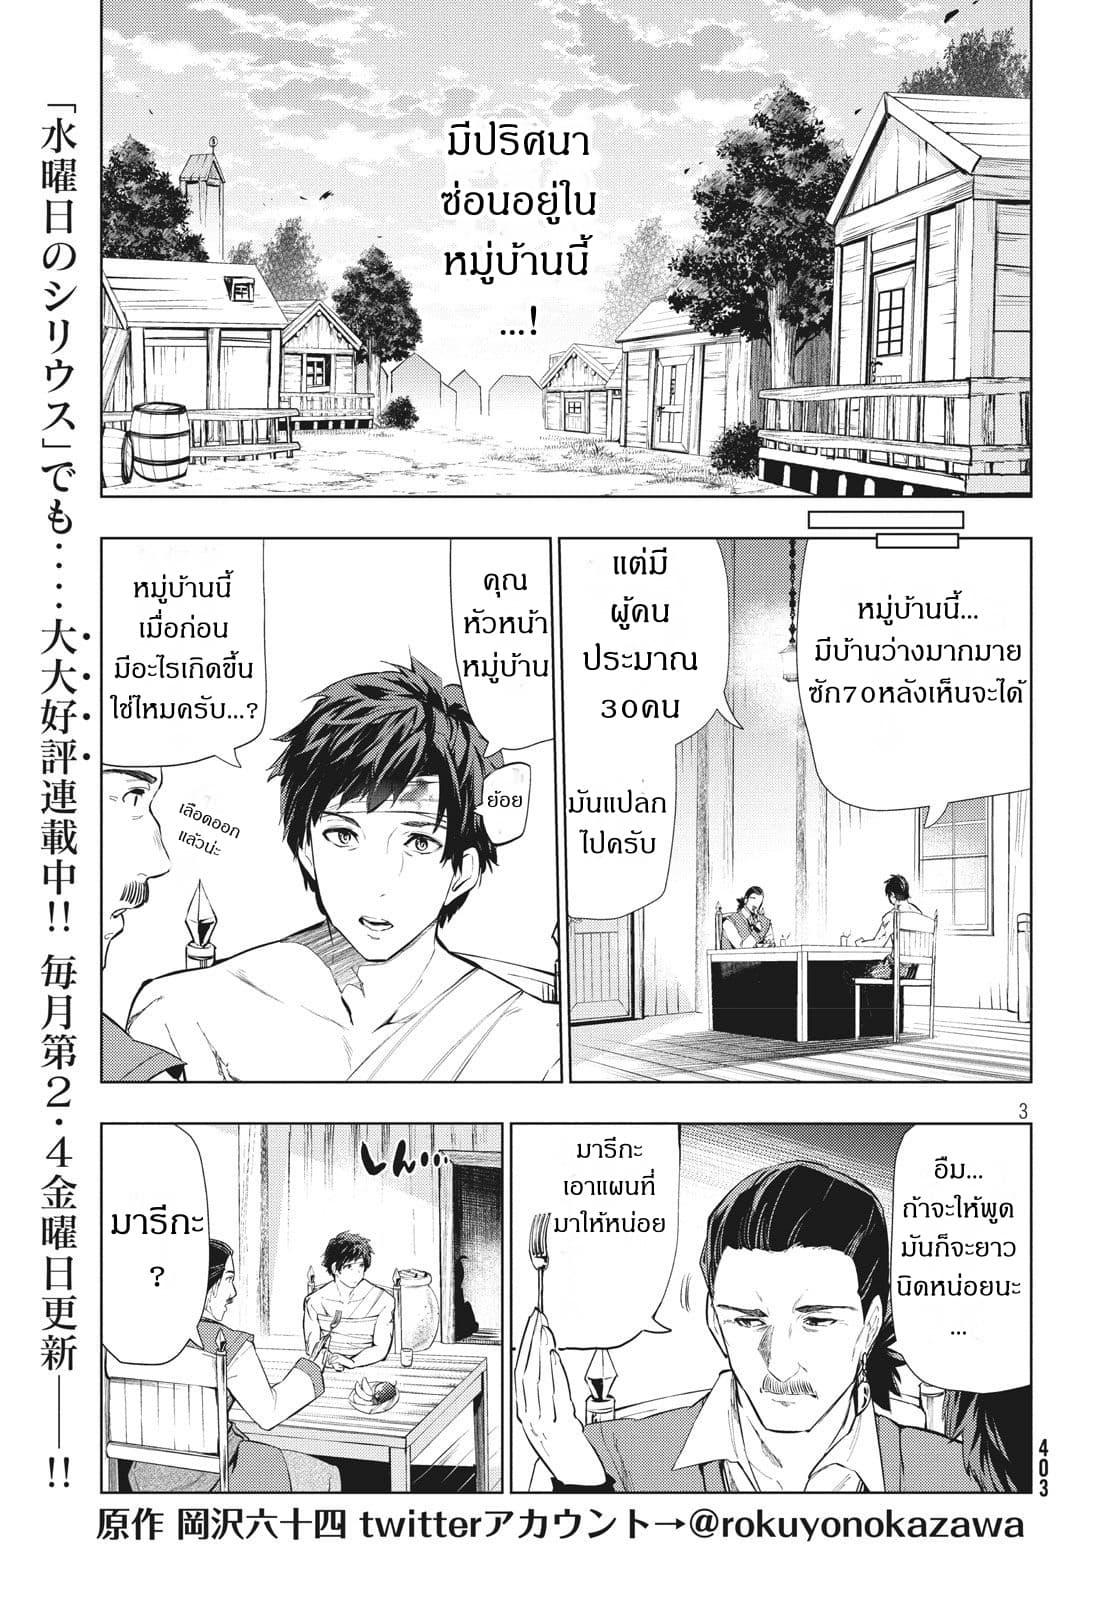 อ่านการ์ตูน Kaiko sareta Ankoku Heishi (30-dai) no Slow na Second ตอนที่ 5.1 หน้าที่ 3